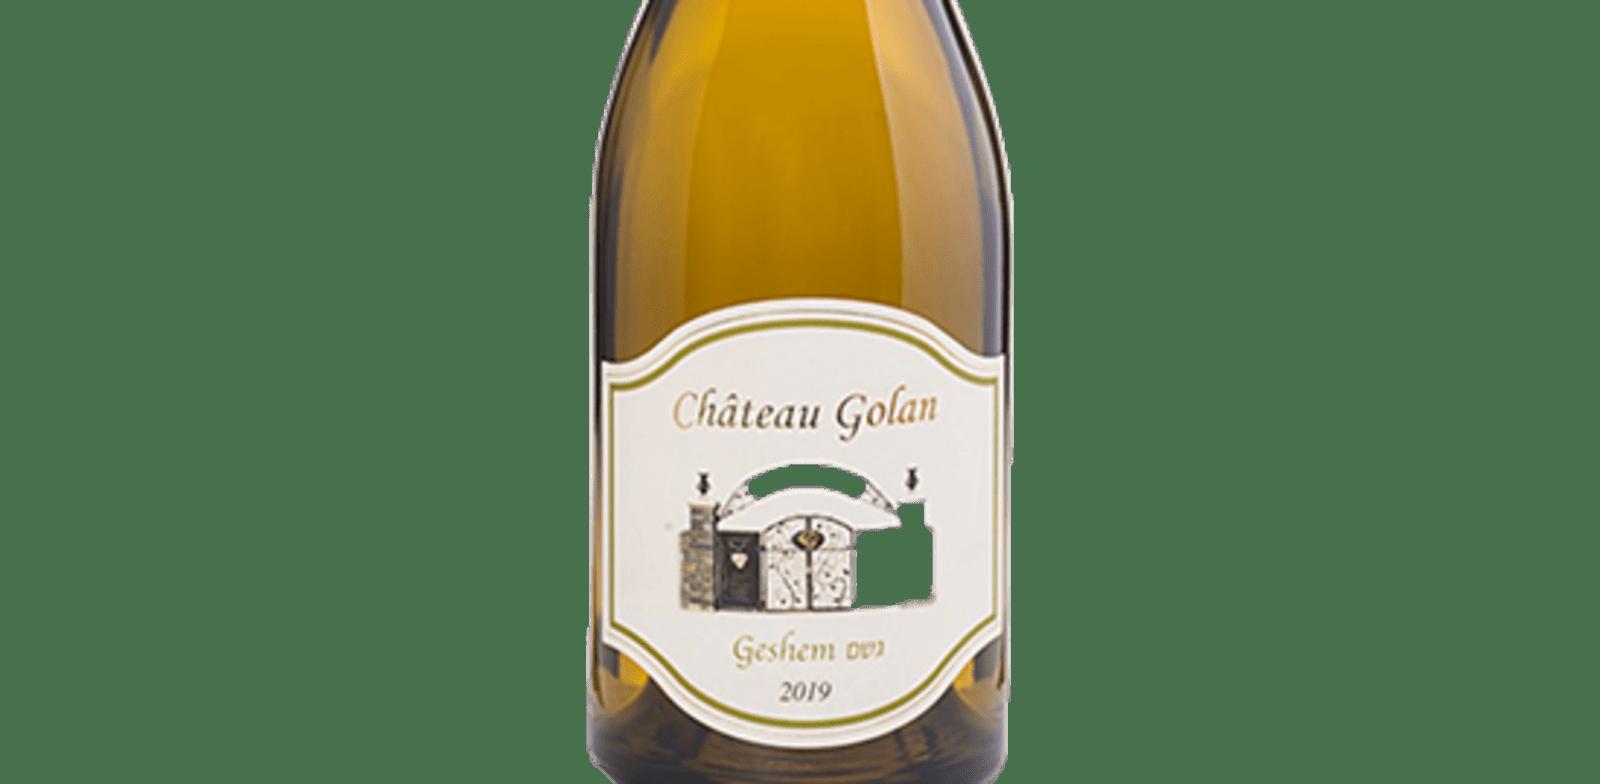 יינות שאטו גולן, סדרת גשם / צילום: חיליק גורפינקל